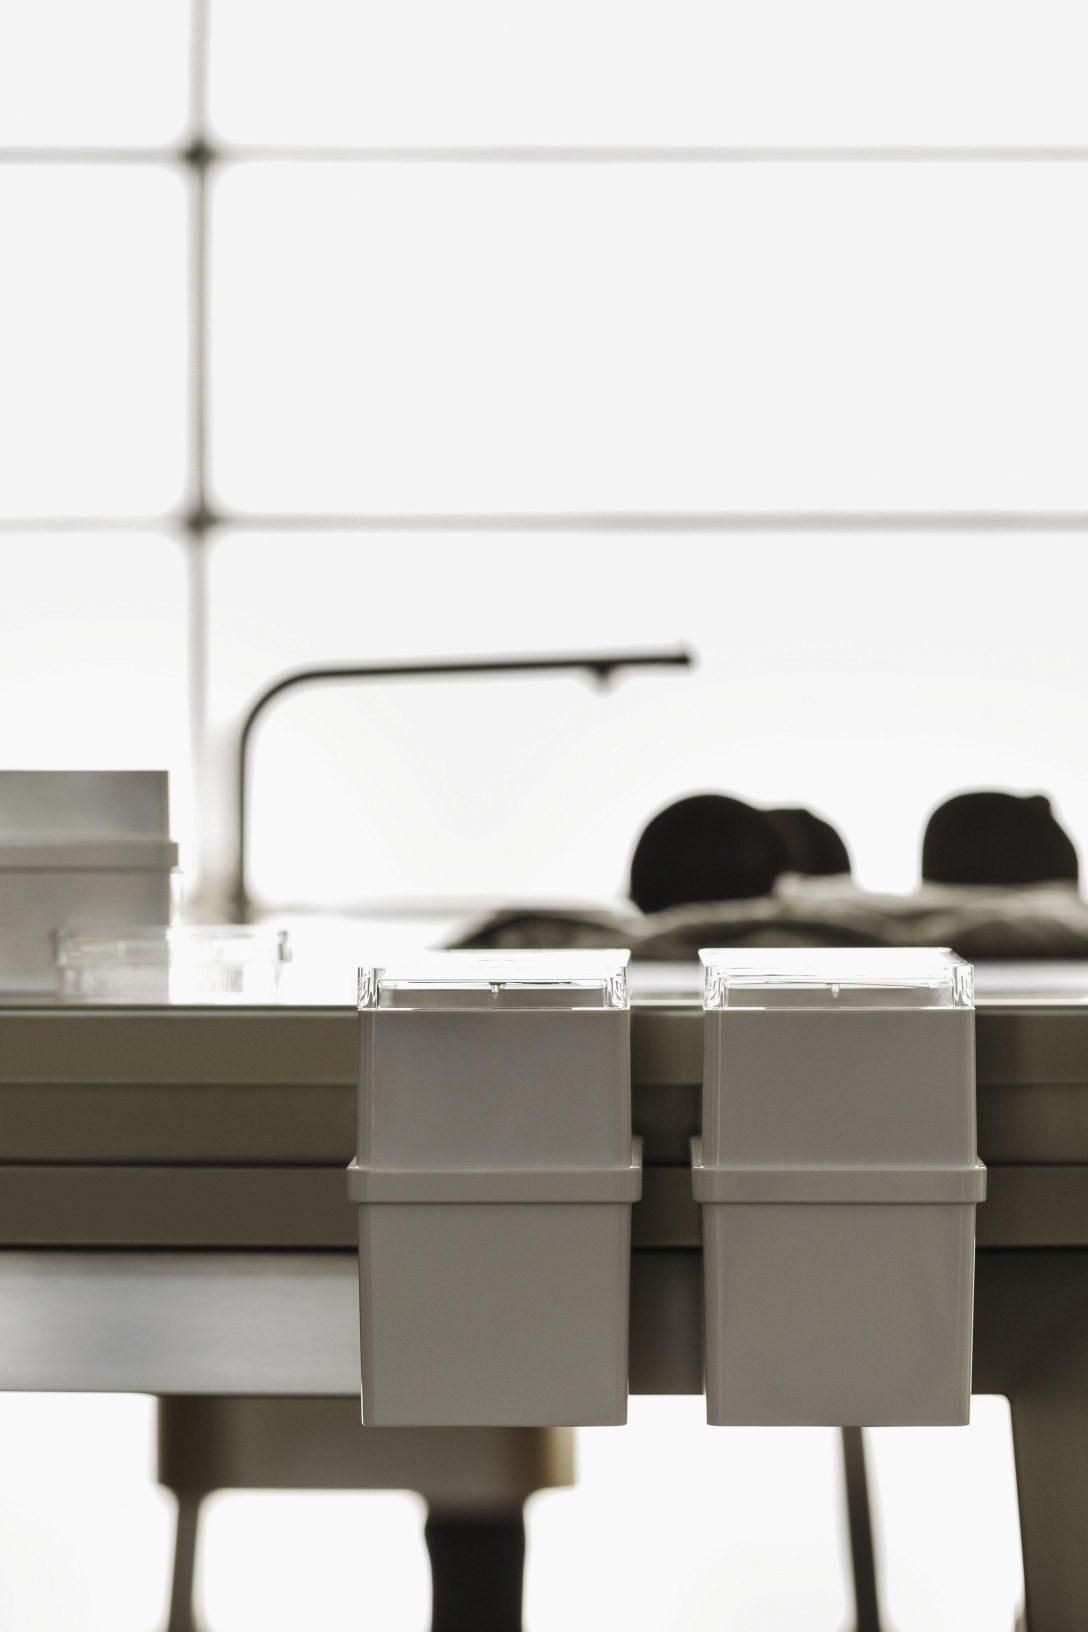 Full Size of Aufbewahrung Küchenutensilien Aufbewahrungsbehlter Kche Kchenutensilien Keramik Glas Küche Aufbewahrungssystem Betten Mit Aufbewahrungsbehälter Wohnzimmer Aufbewahrung Küchenutensilien